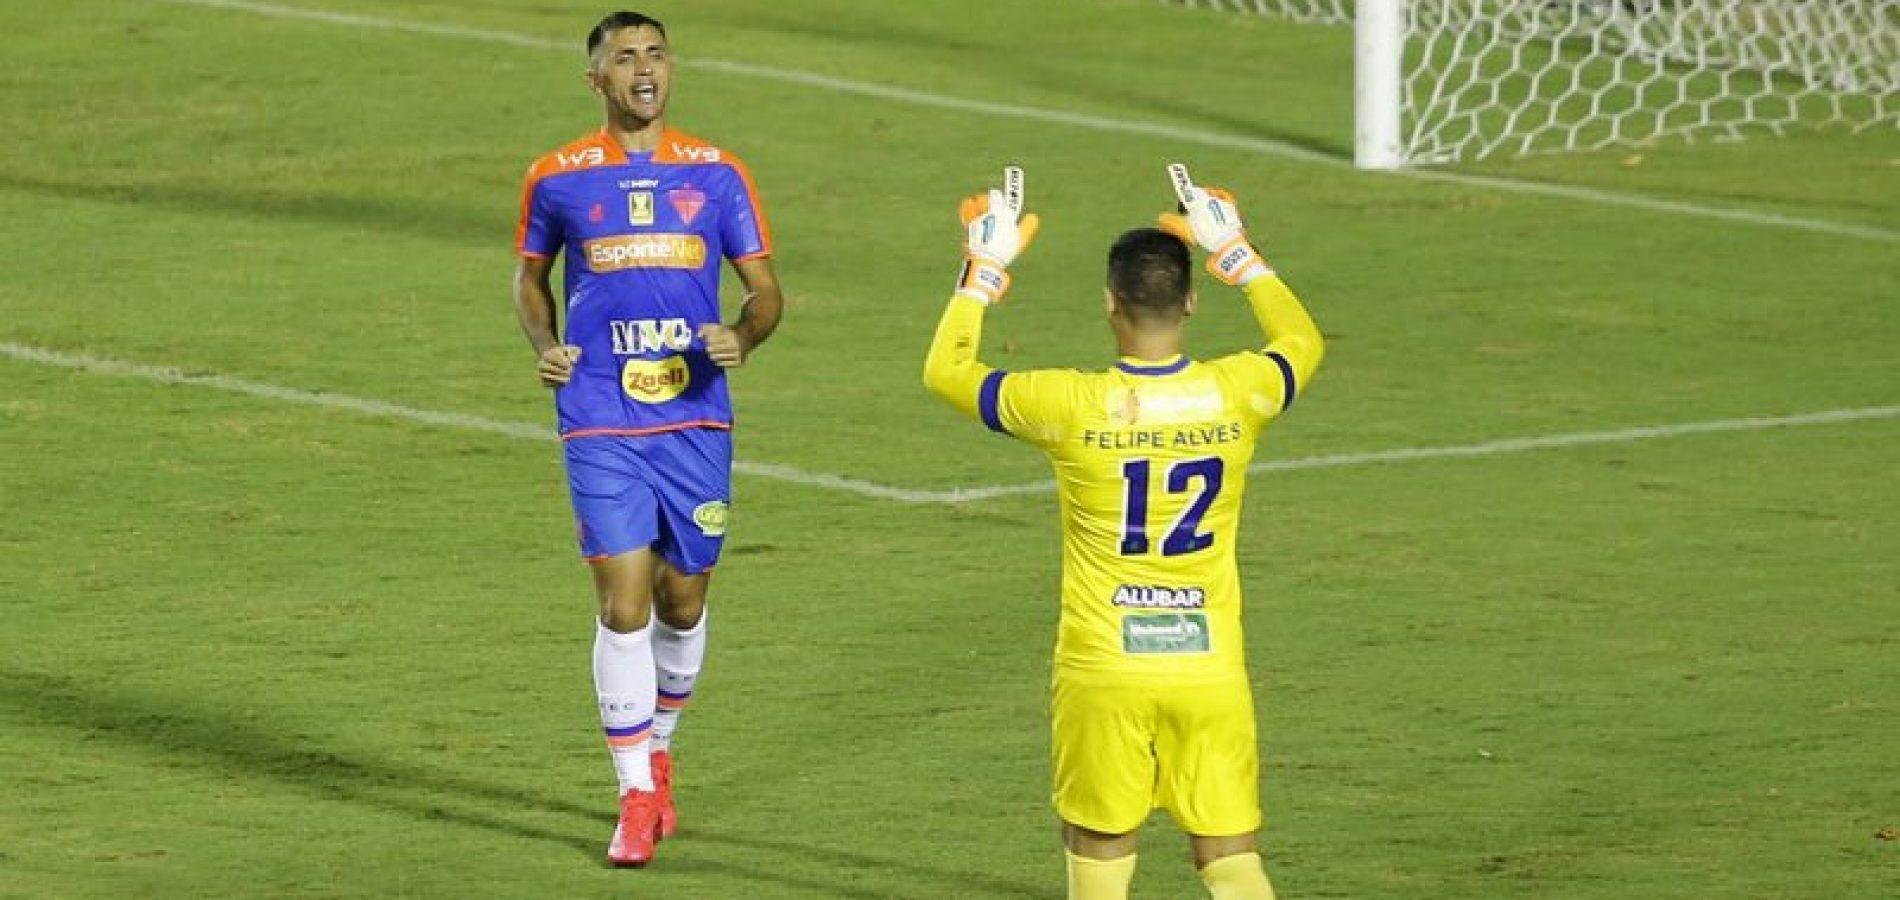 Fortaleza bate Sport nos pênaltis e pega Ceará na semifinal da Copa do Nordeste